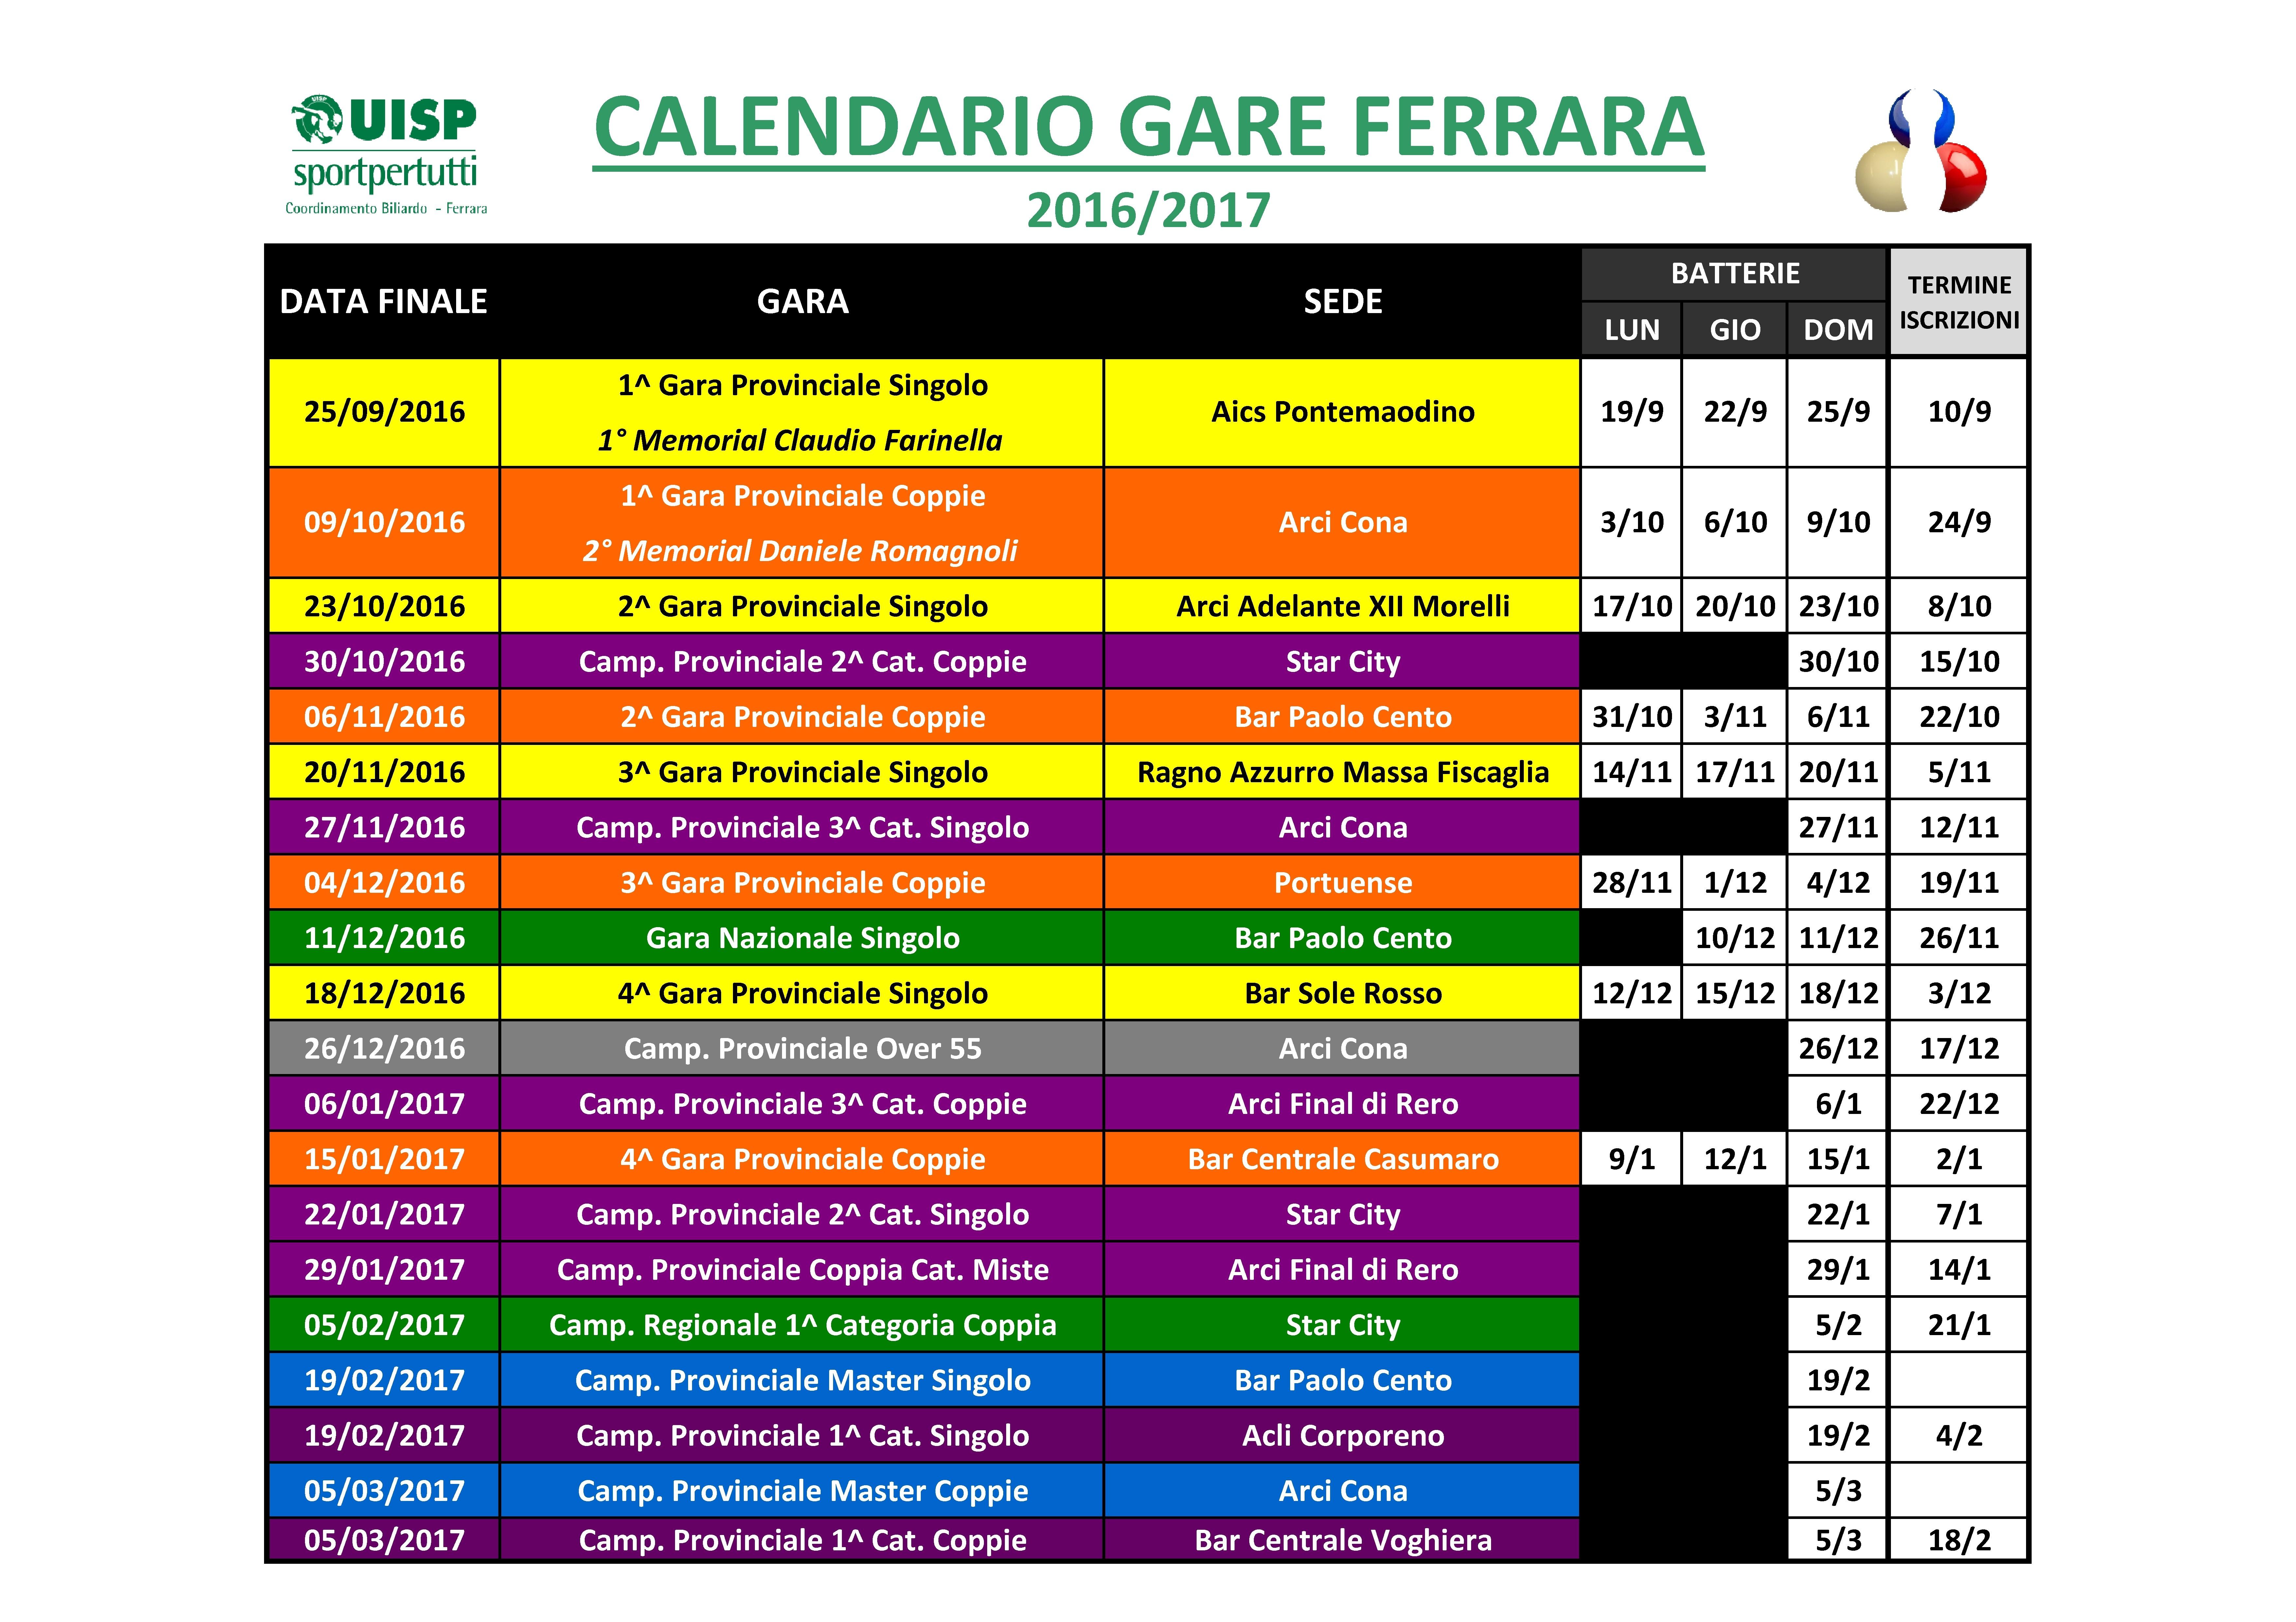 Calendario Gare Ferrara 16 171